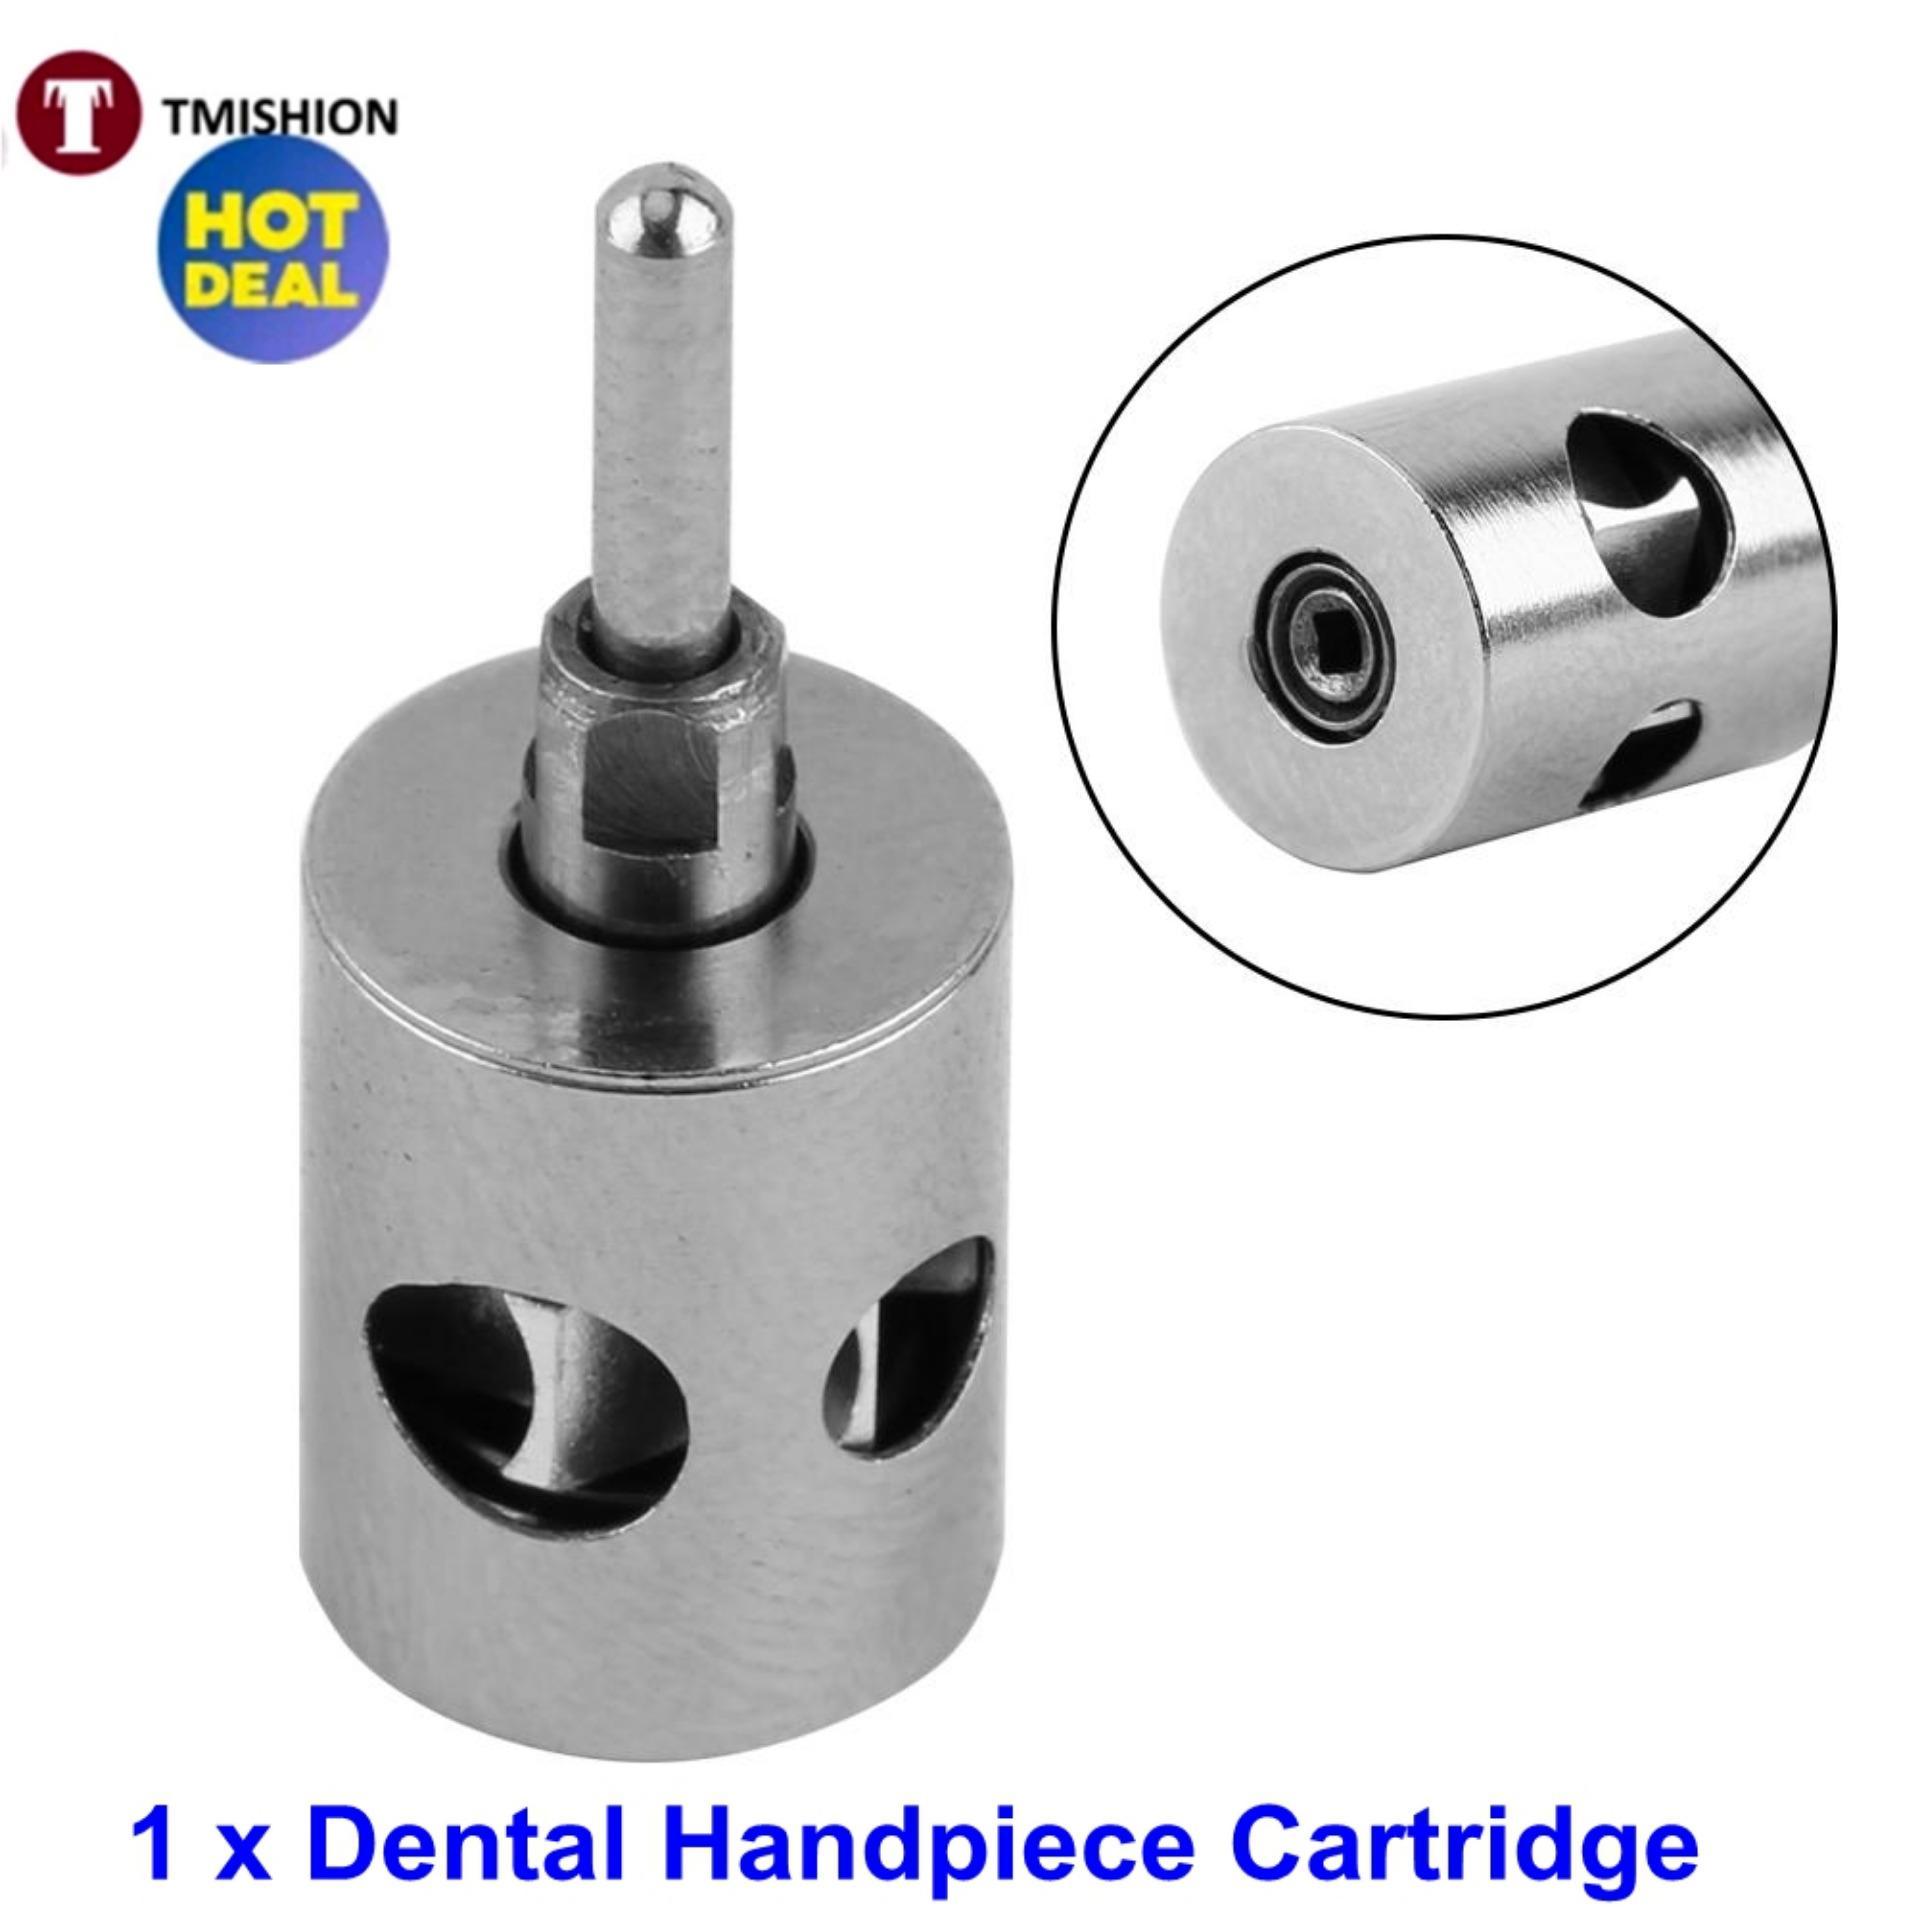 1 Buah Turbin Gigi Kunci Kepala Peluru Standar For Kecepatan Tinggi Tangan Potong Bor Gigi-